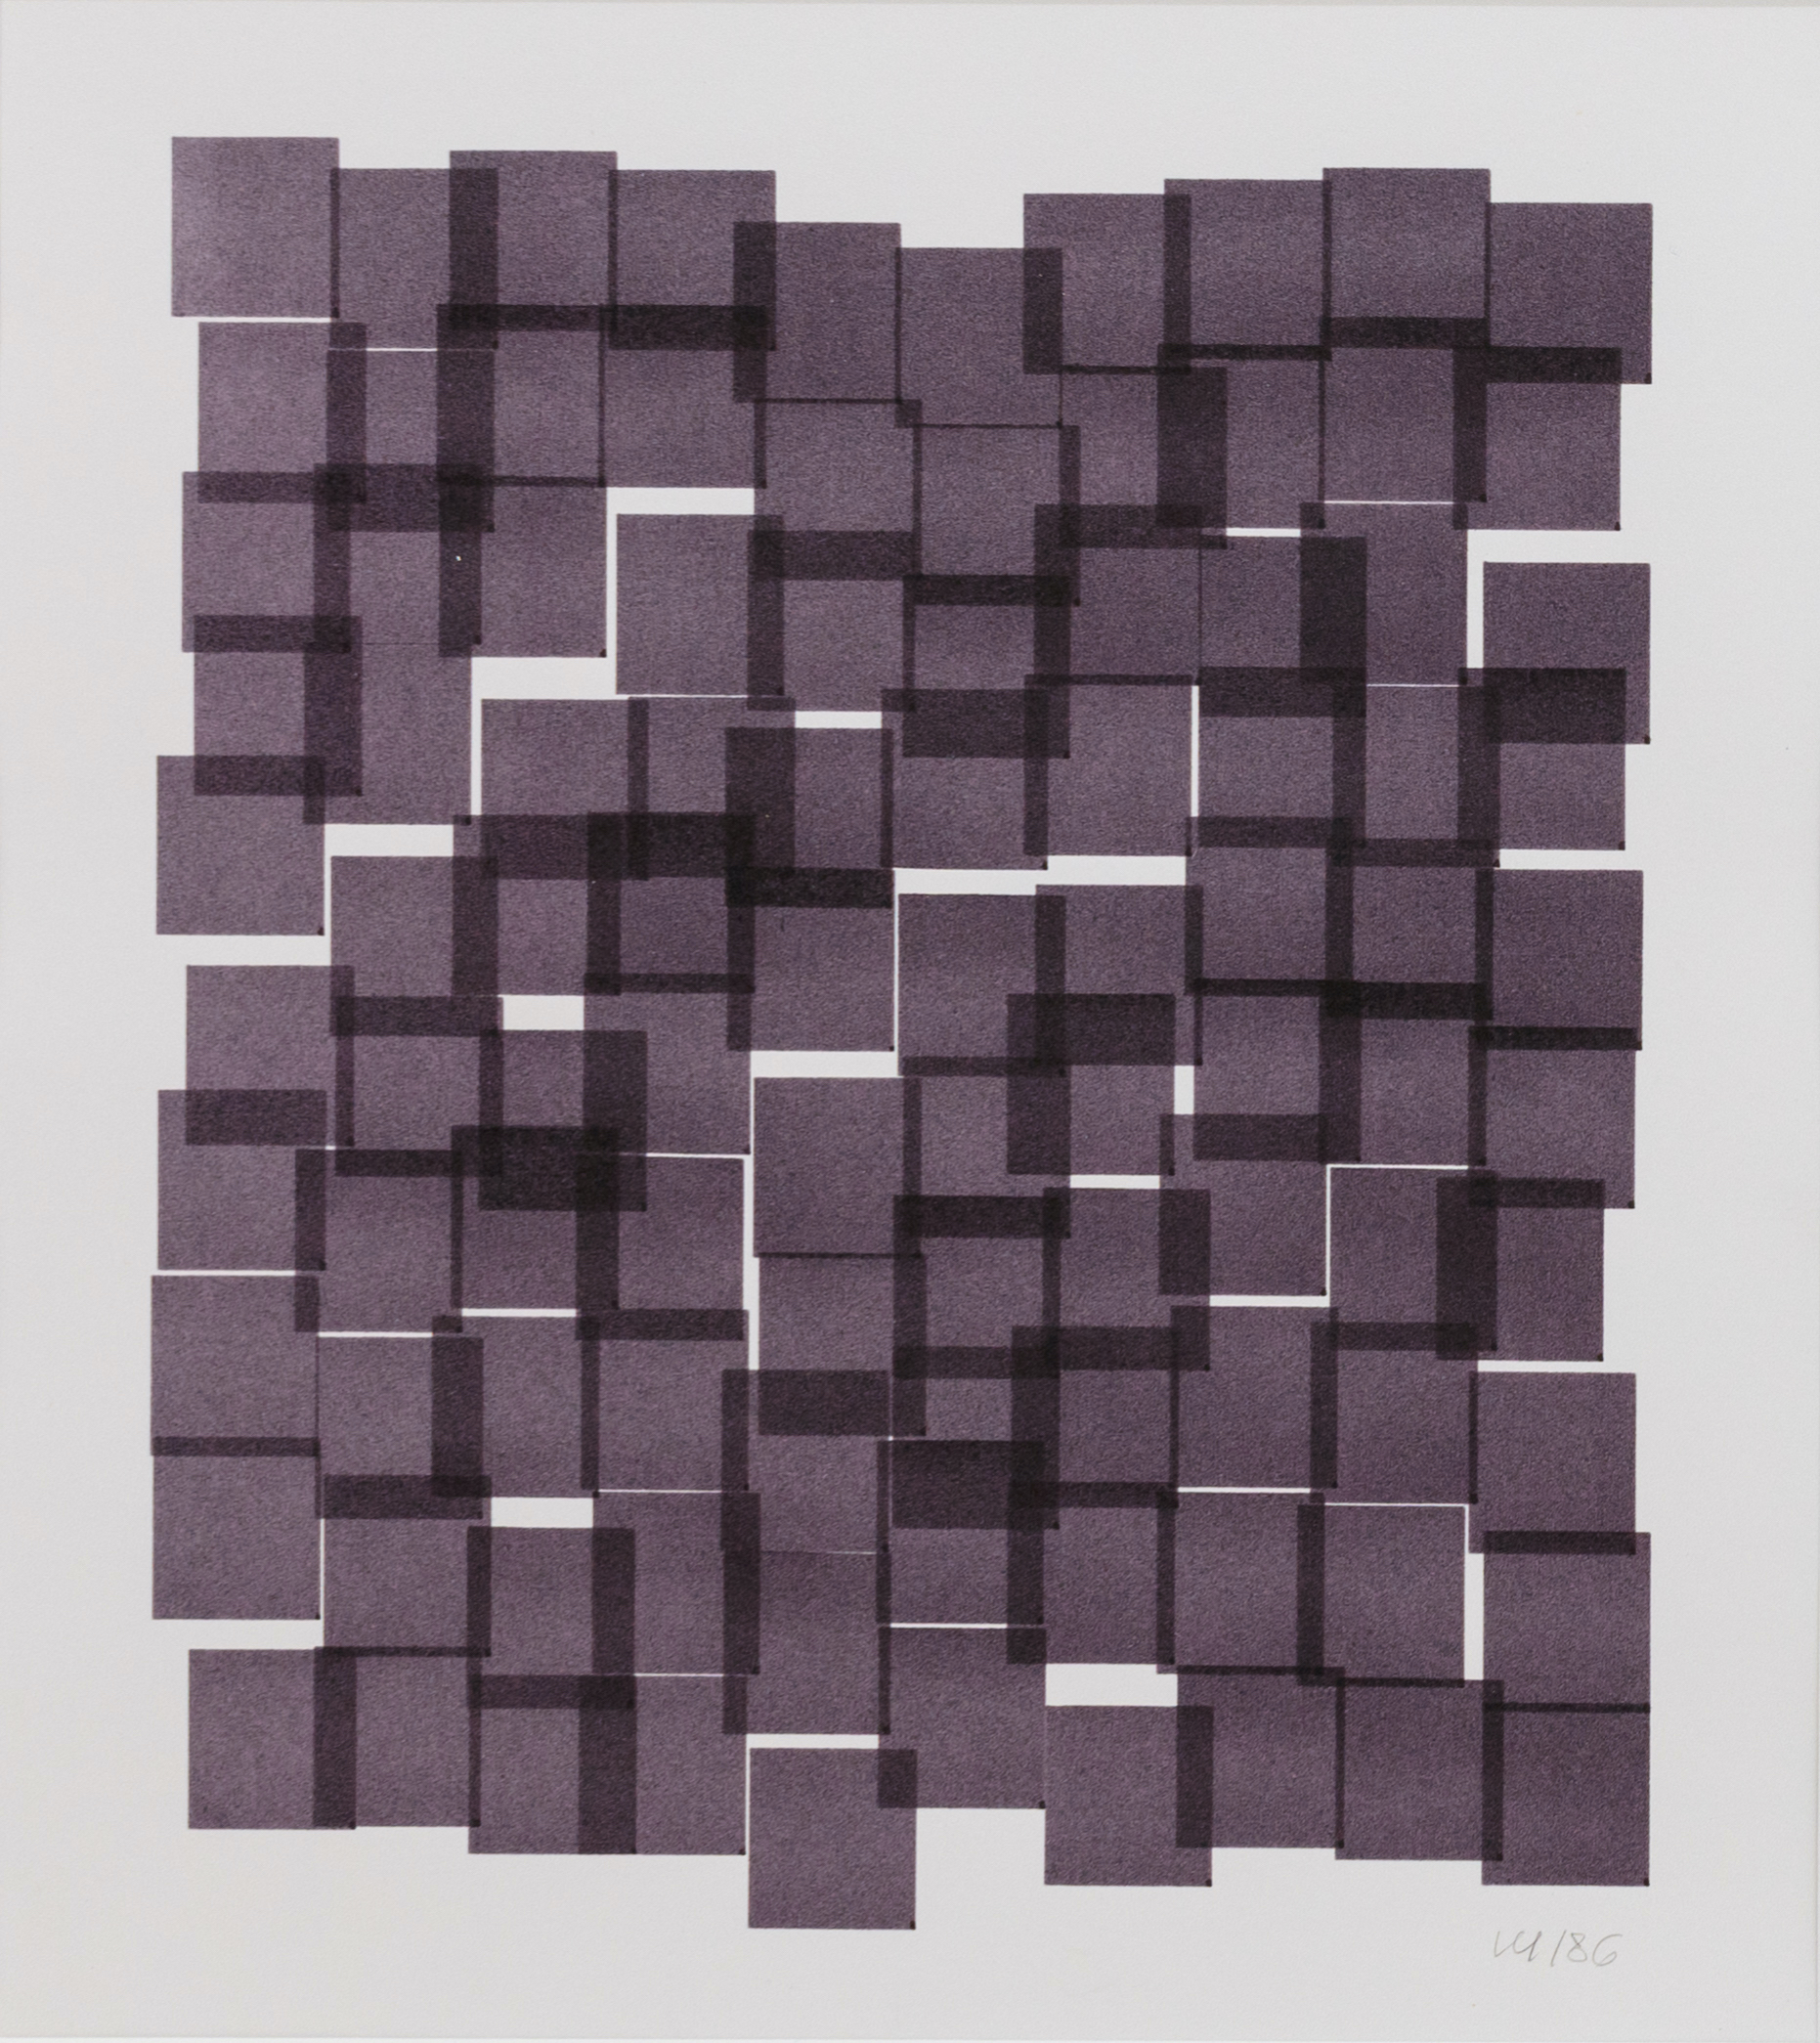 Vera Molnar, 100 Carrés, Plotterzeichnung, Tinte auf Papier, 25 x 22 cm, 1986